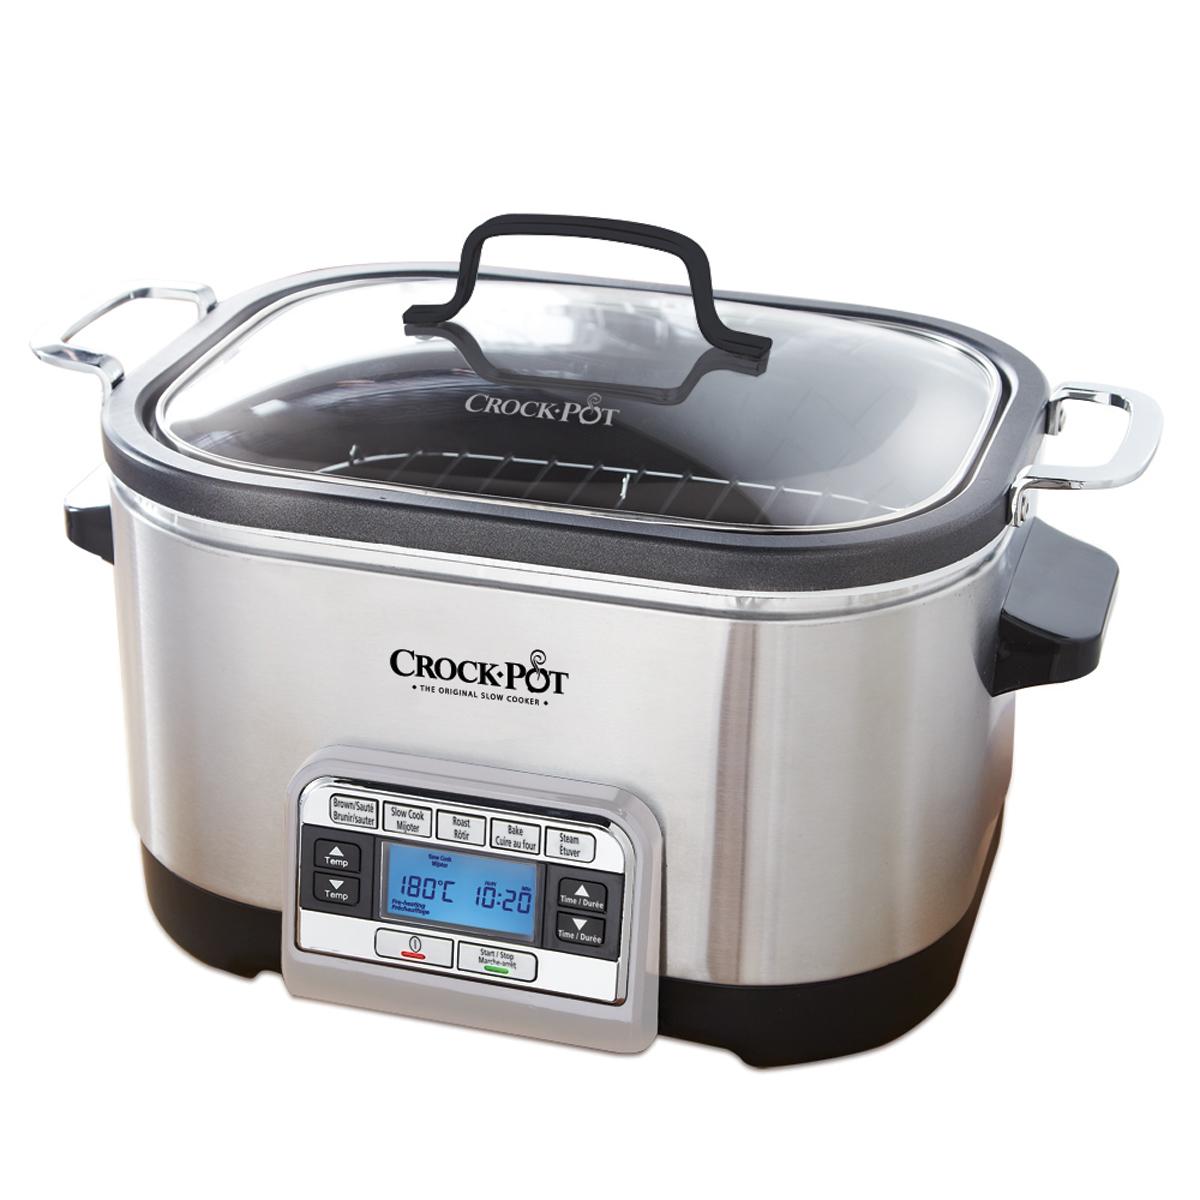 Crockpot® 5in1 Multicooker In Stainless Steel